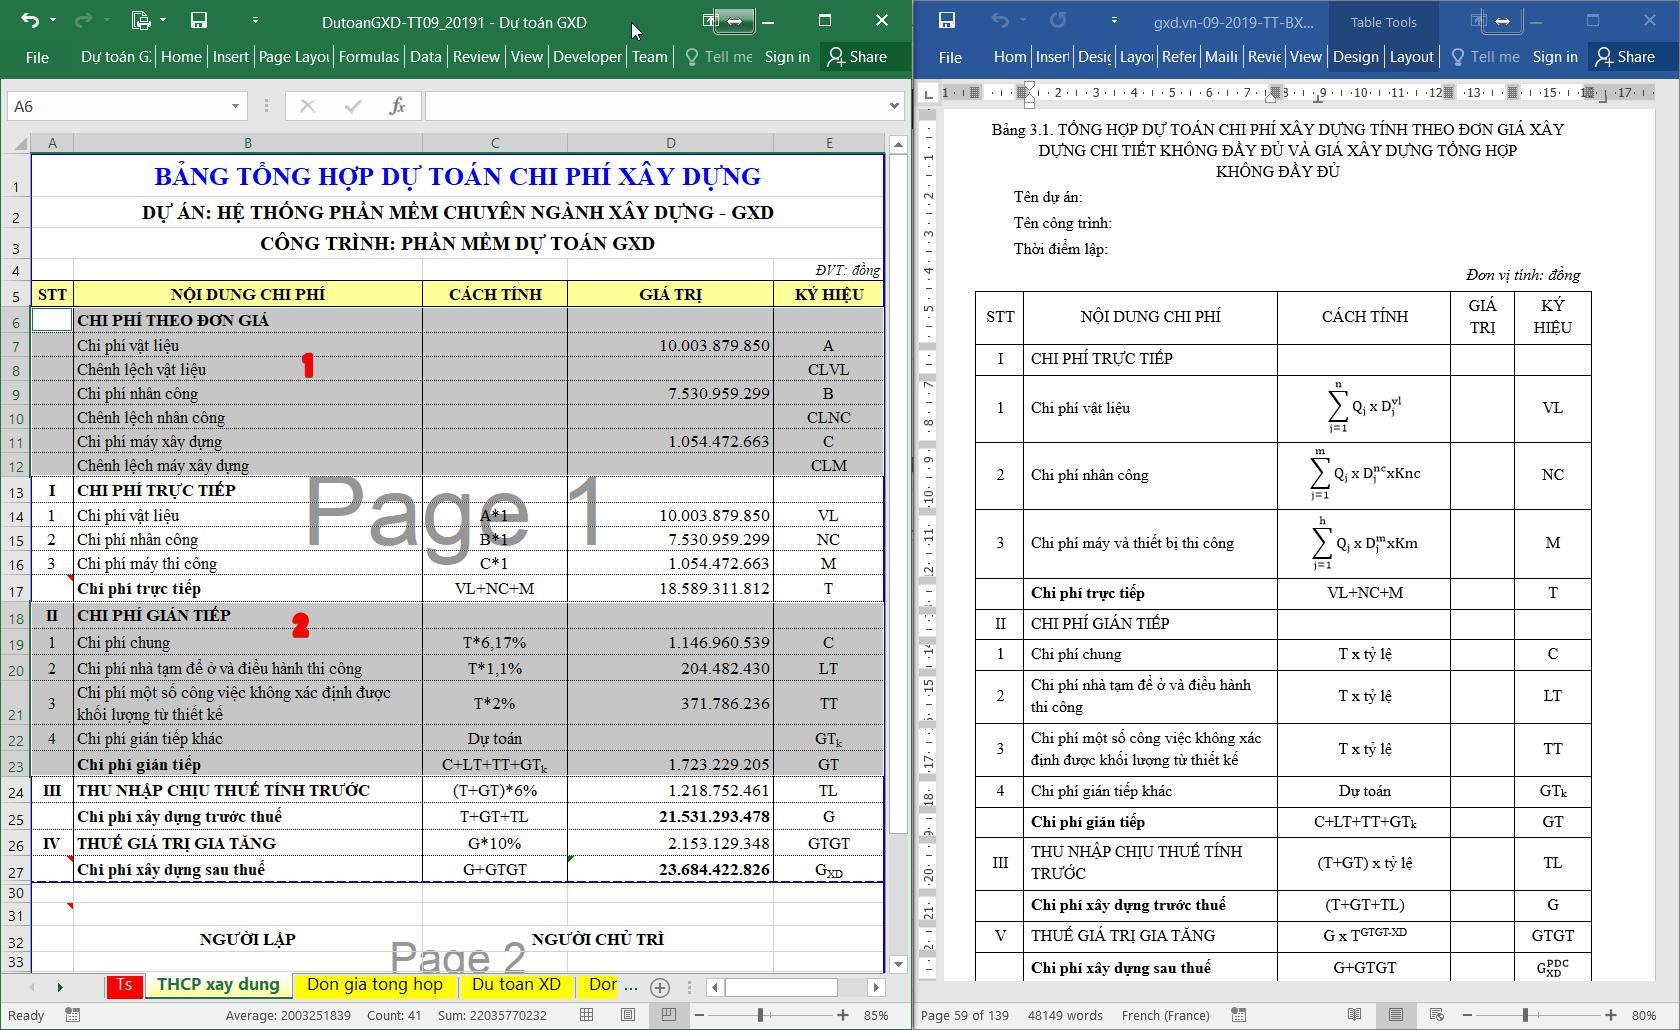 bảng tổng hợp dự toán chi phí xây dựng